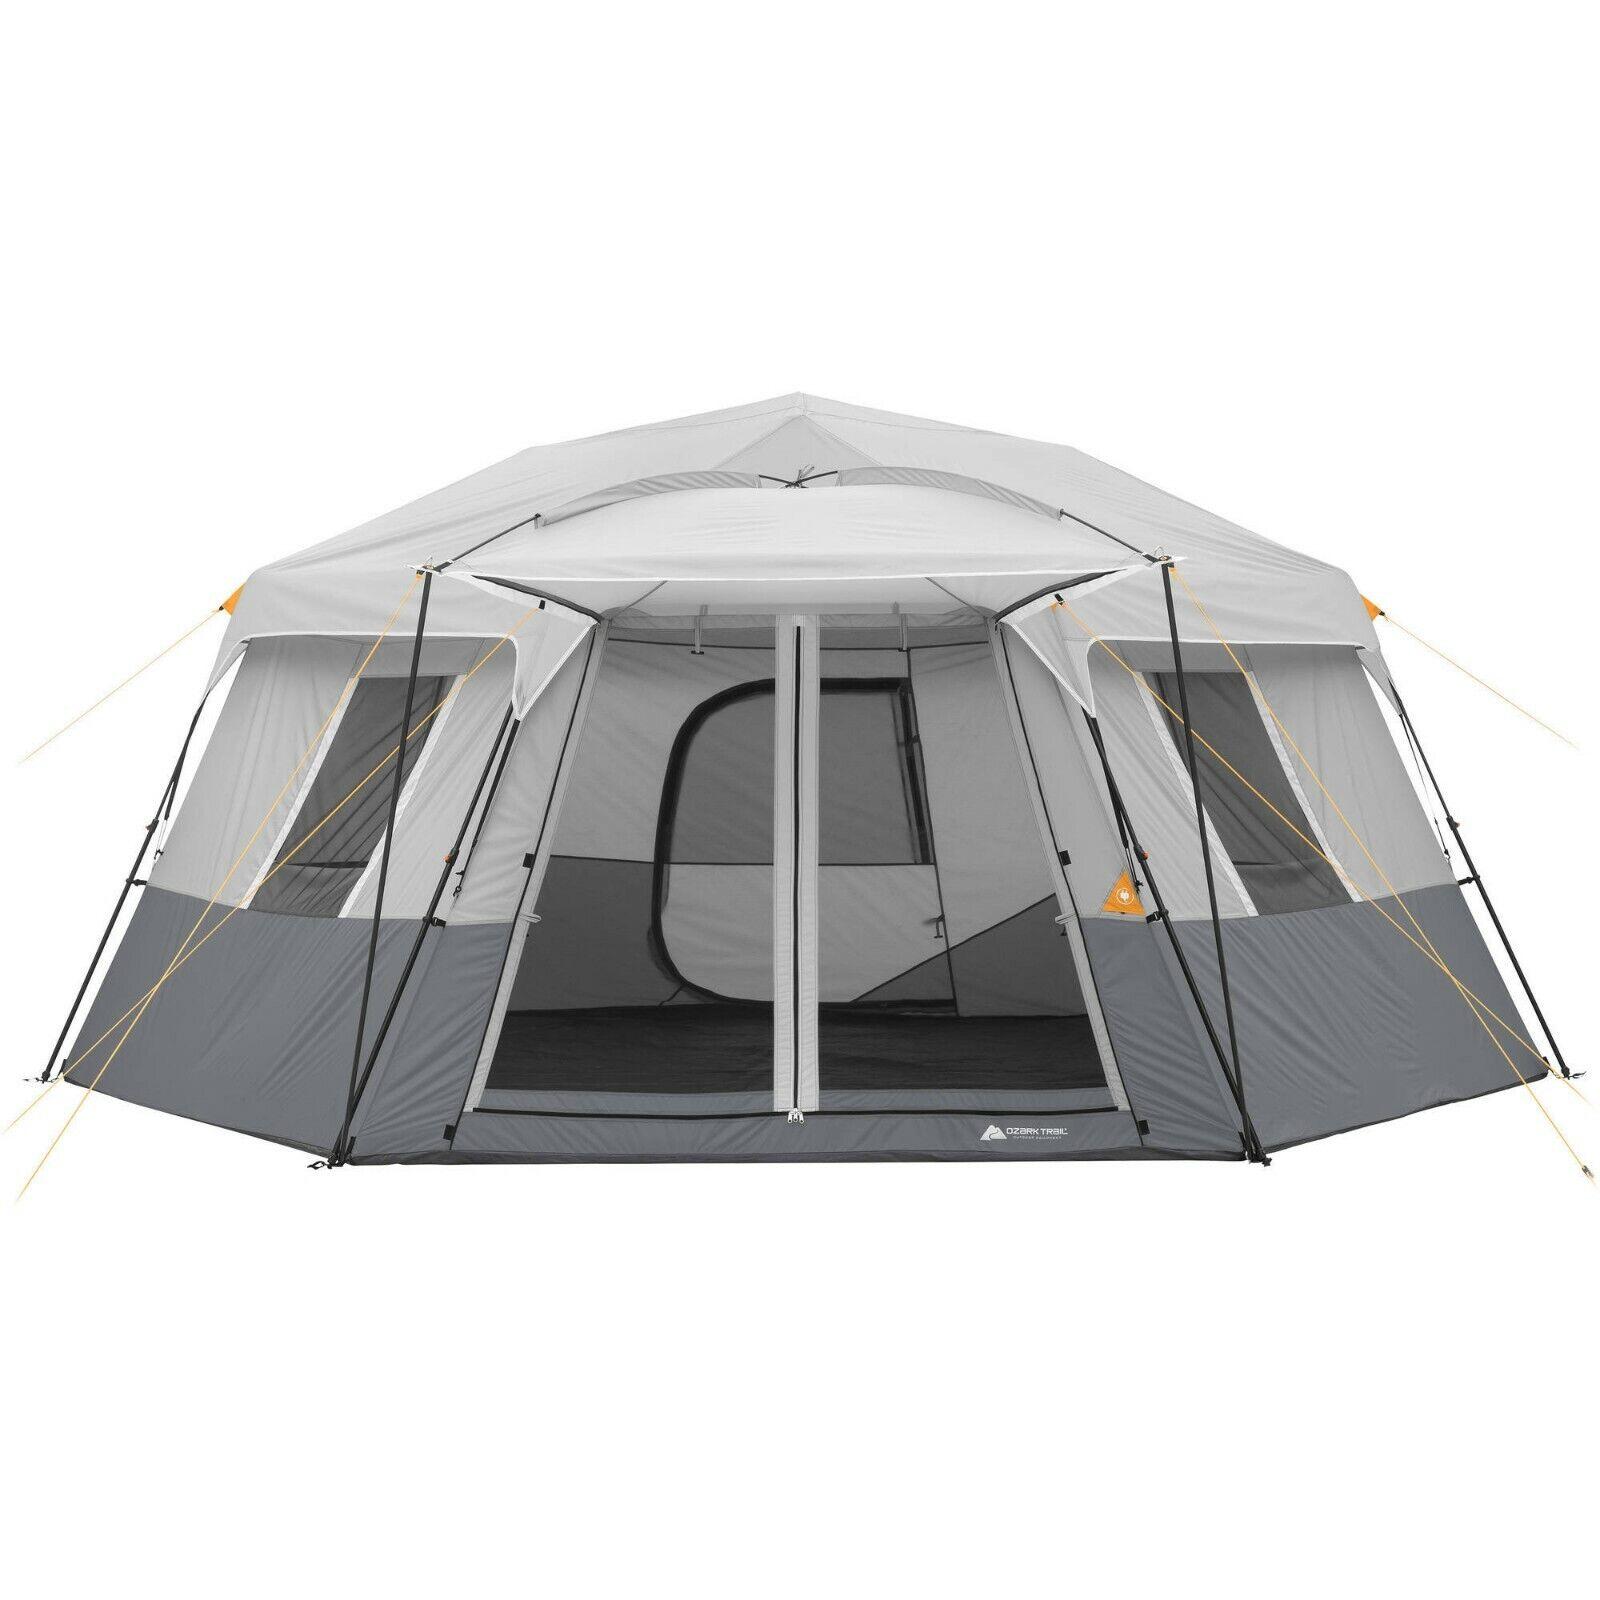 Ozark Trail 17' x 15' Person Instant Hexagon Cabin Tent, Sle